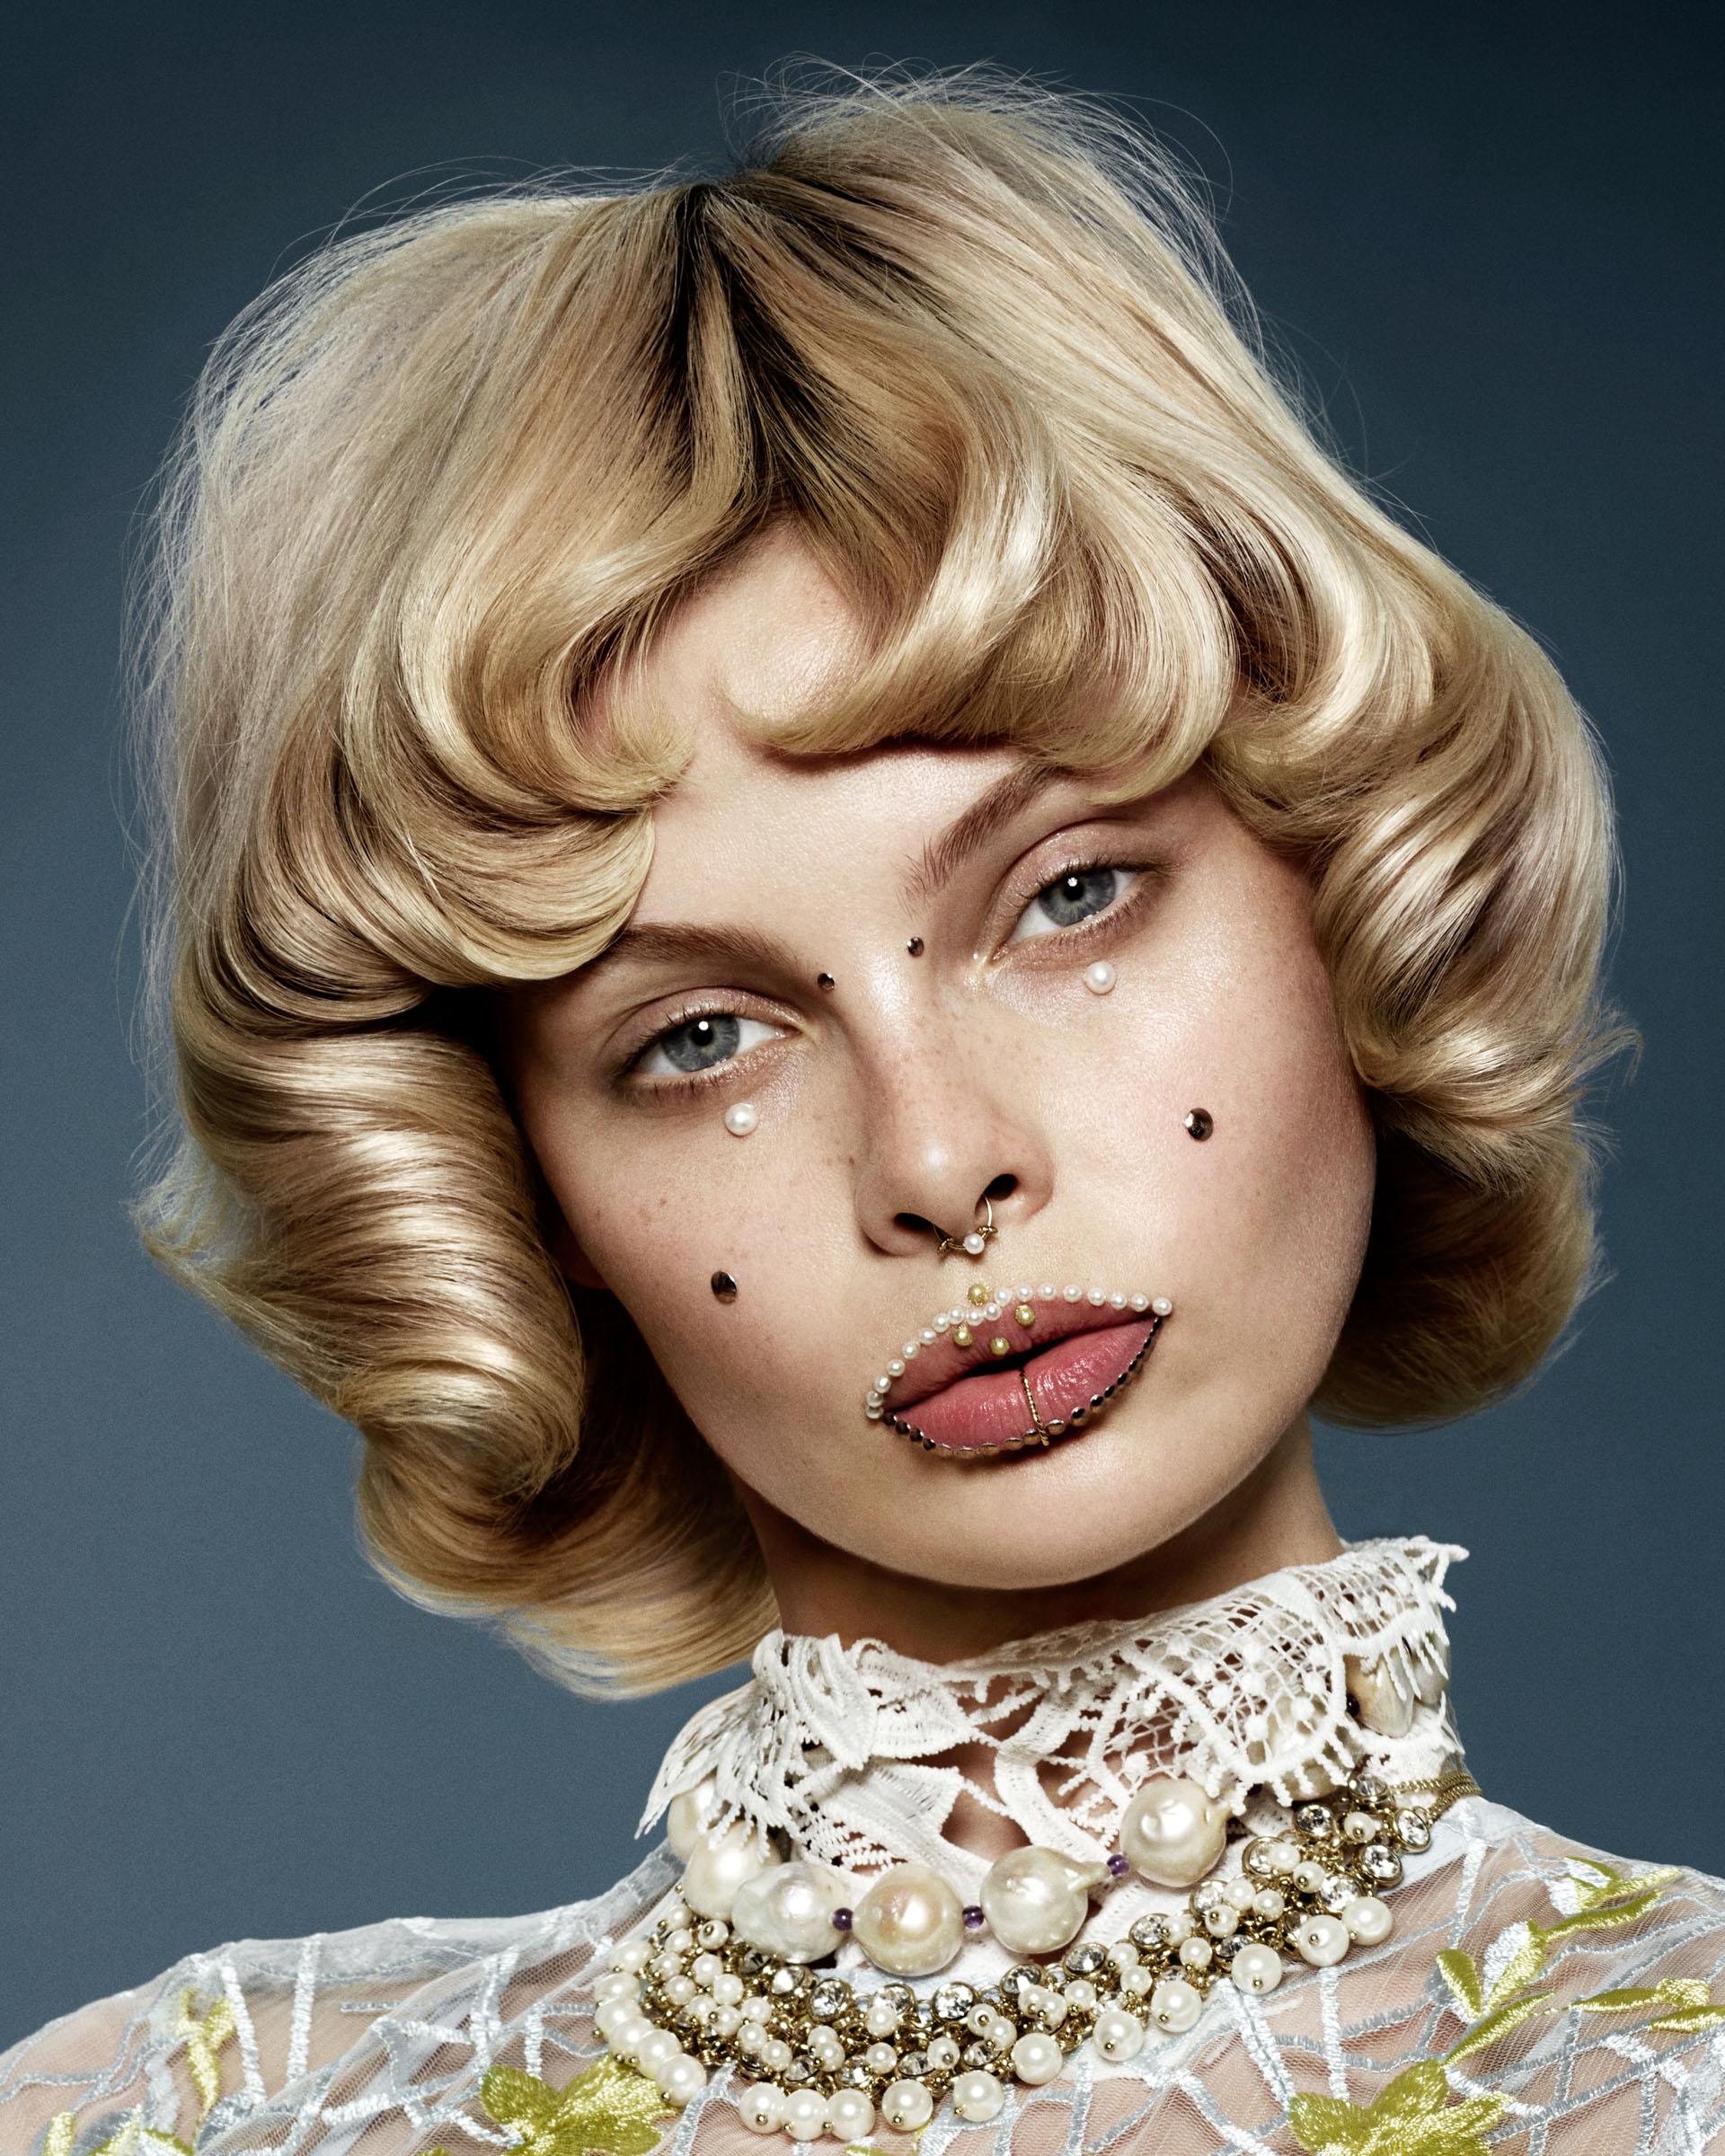 Jack_Eames_Beauty_Makeup_Shot_01.jpg